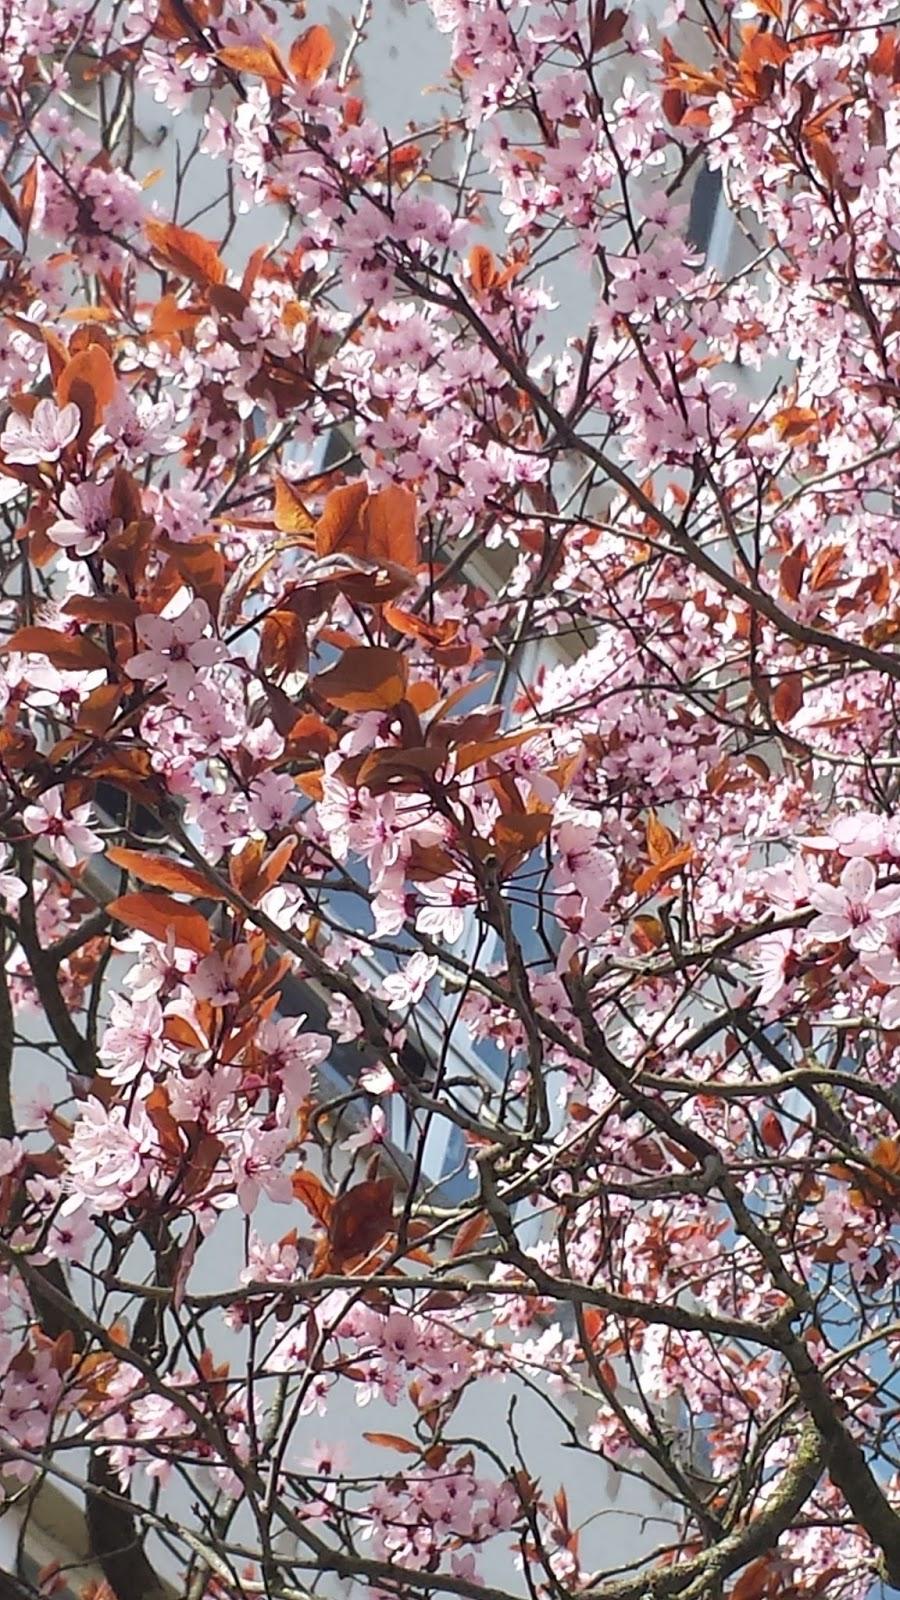 rosa Blüten an Bäumen